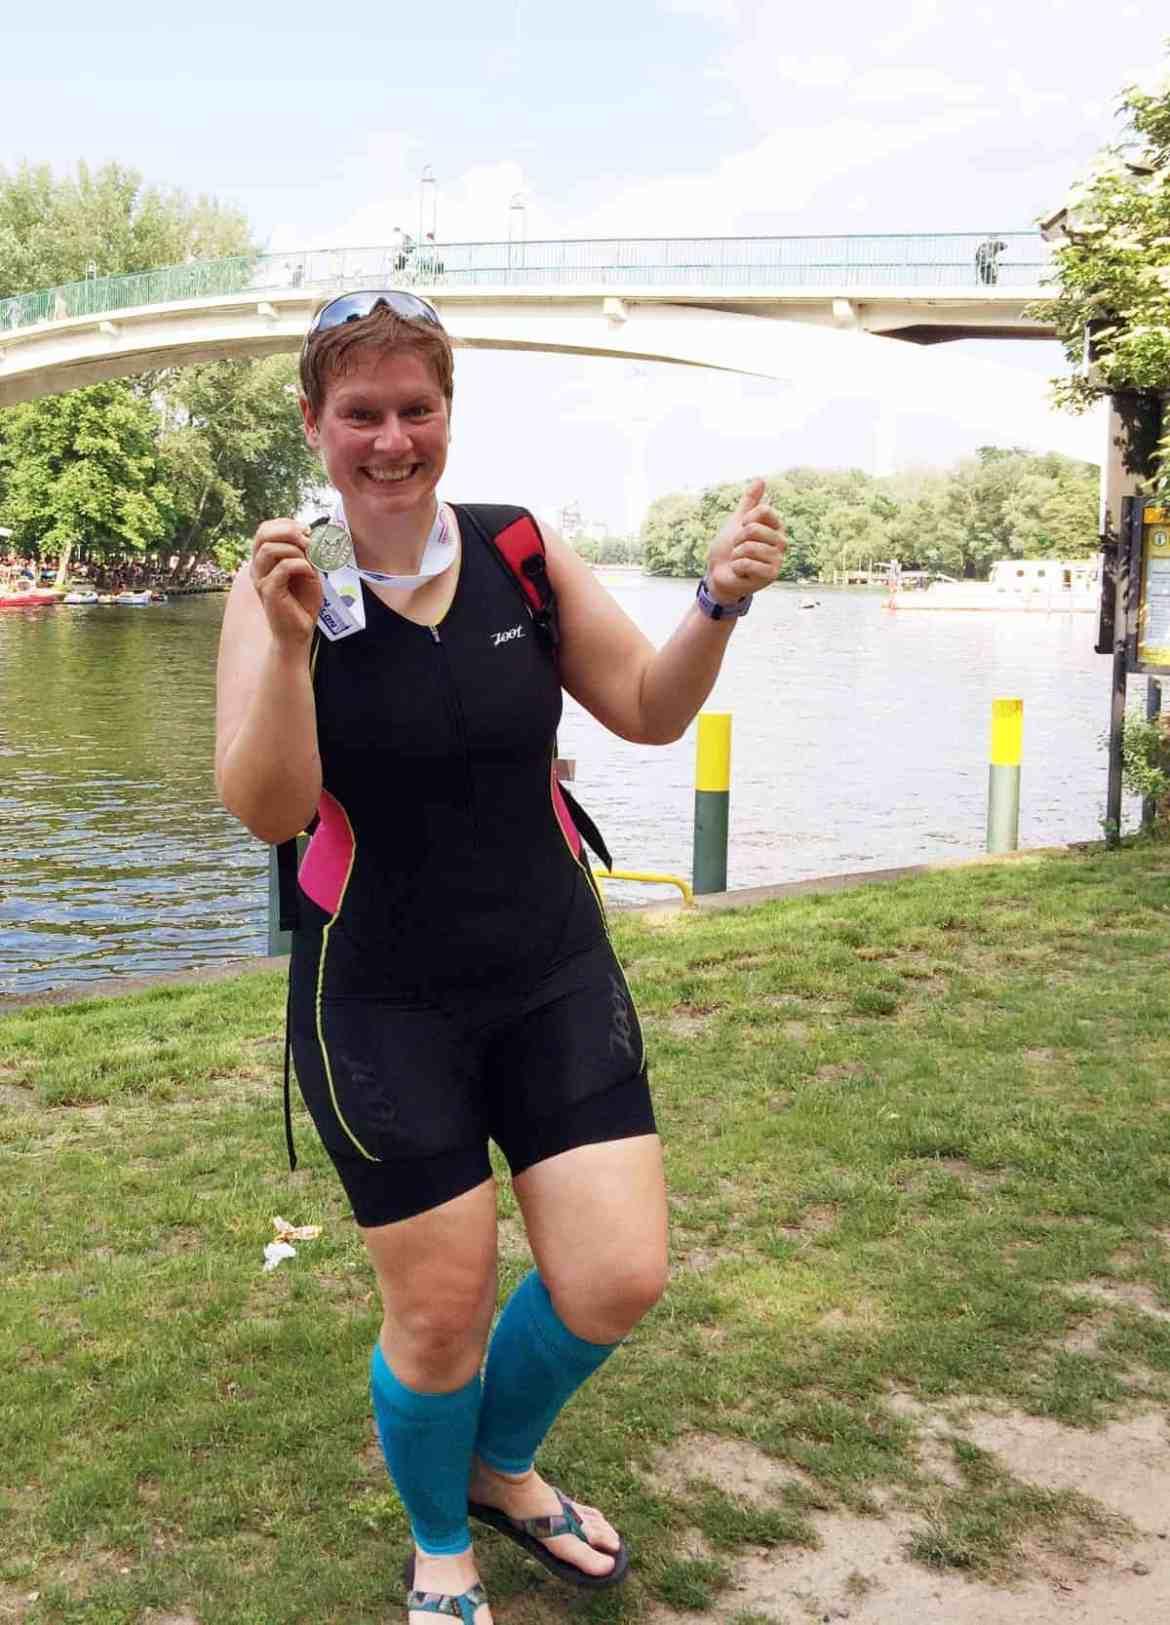 Mit Kompressionsstrümpfen beim Triathlon